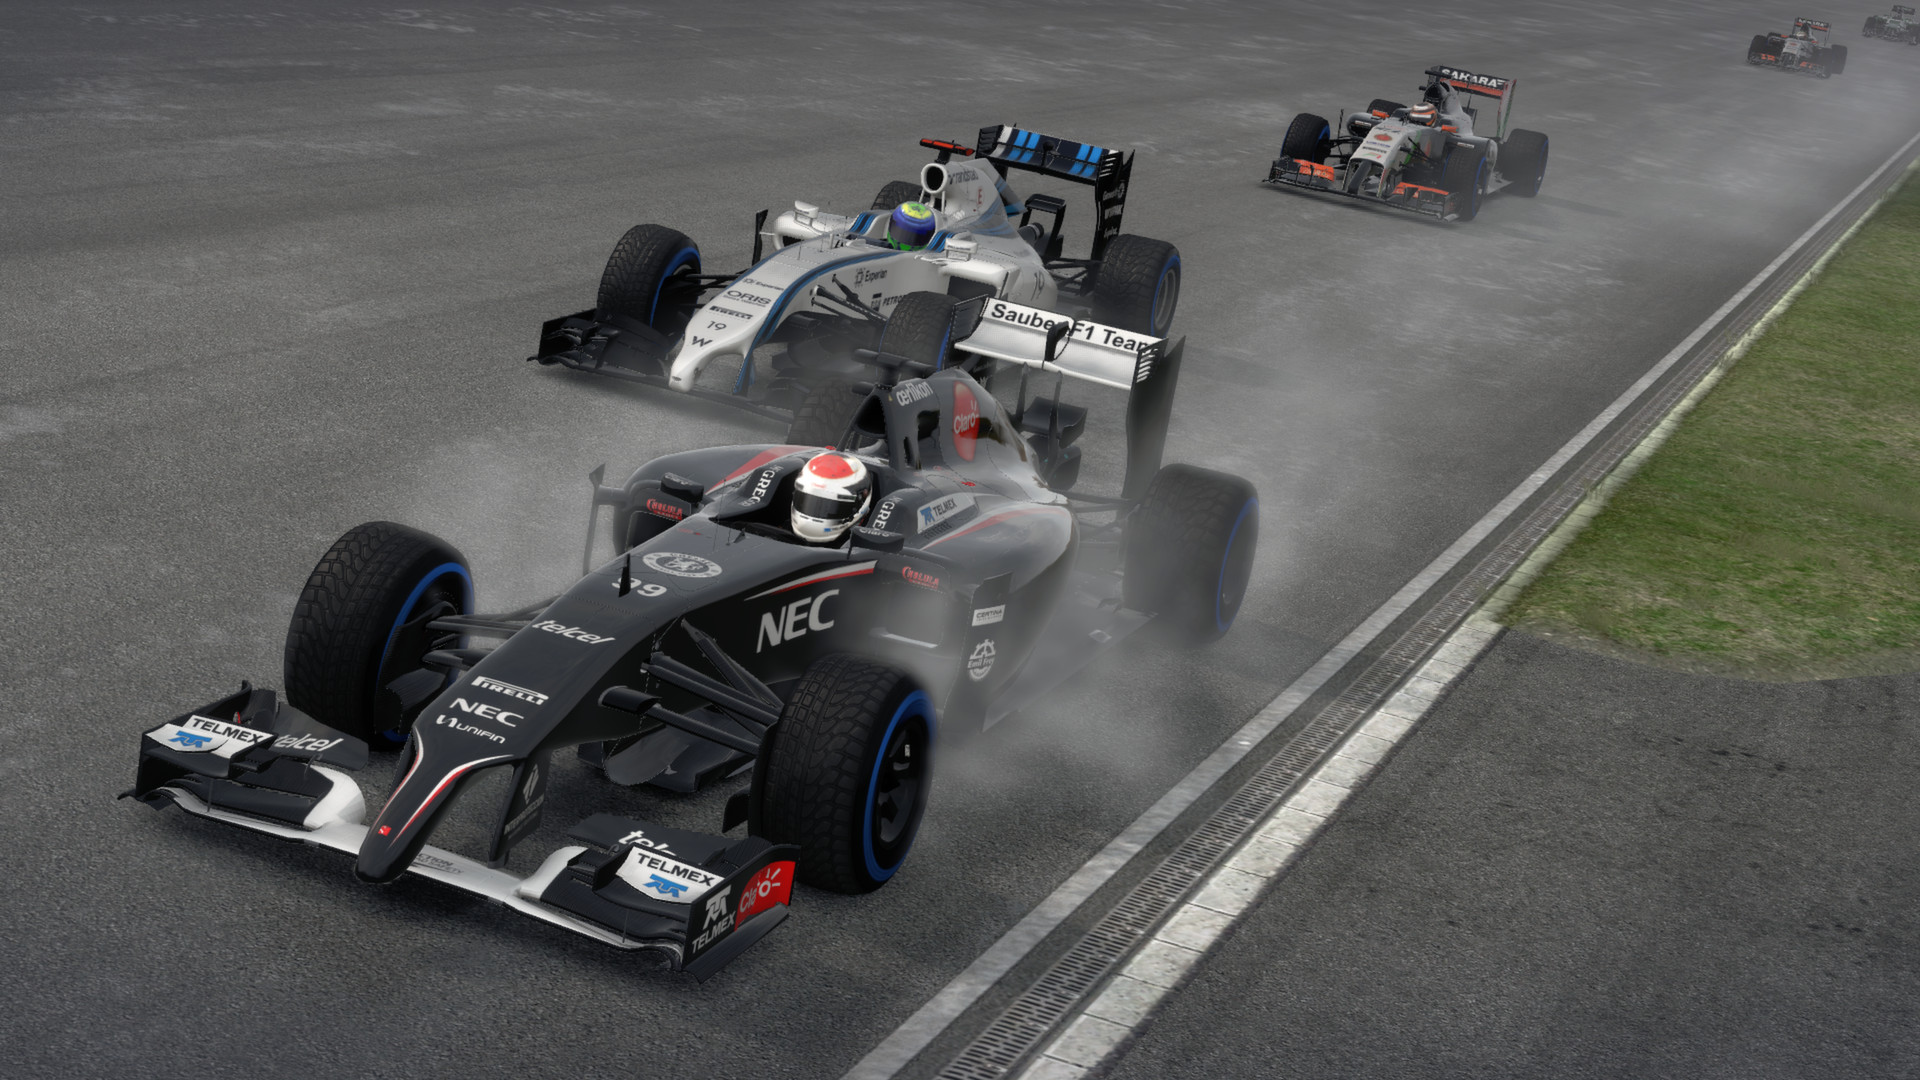 F1 2014 Multilenguaje ESPAÑOL PC (RELOADED/PROPHET) 9